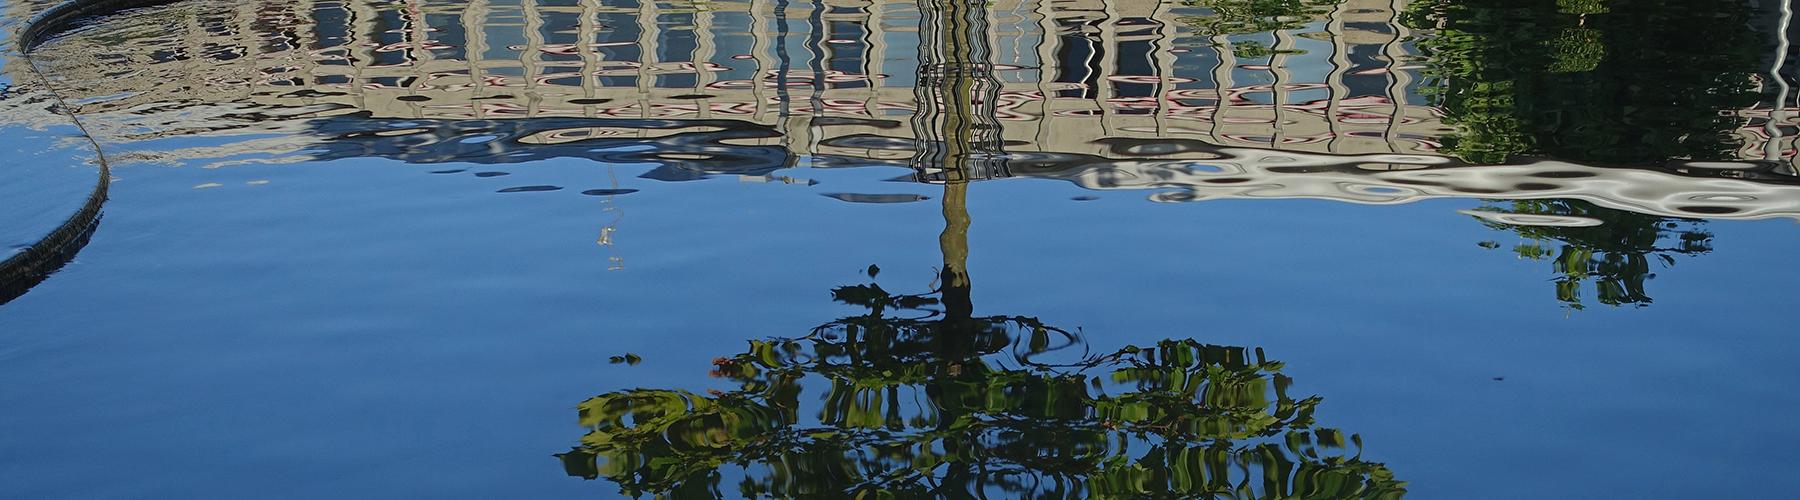 Billedarkiv - Vejen Kommune cover image